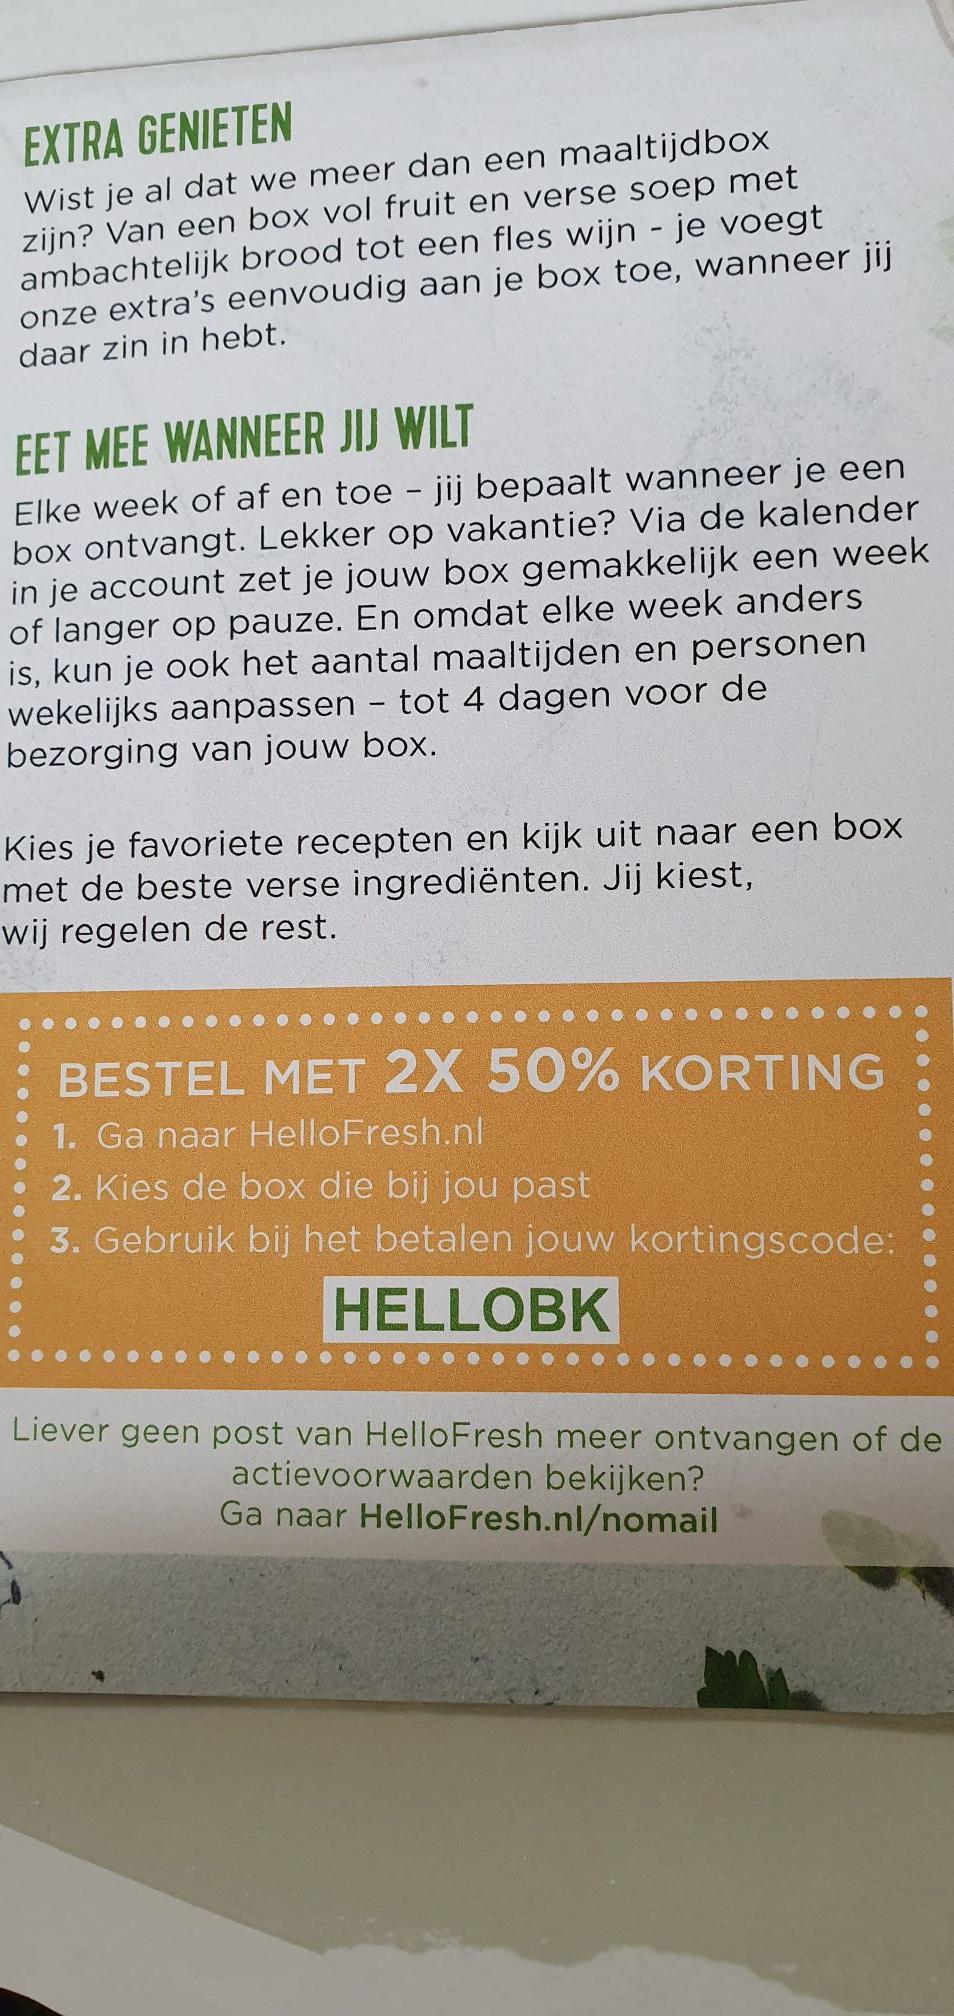 50% korting op 2 boxen van HelloFresh